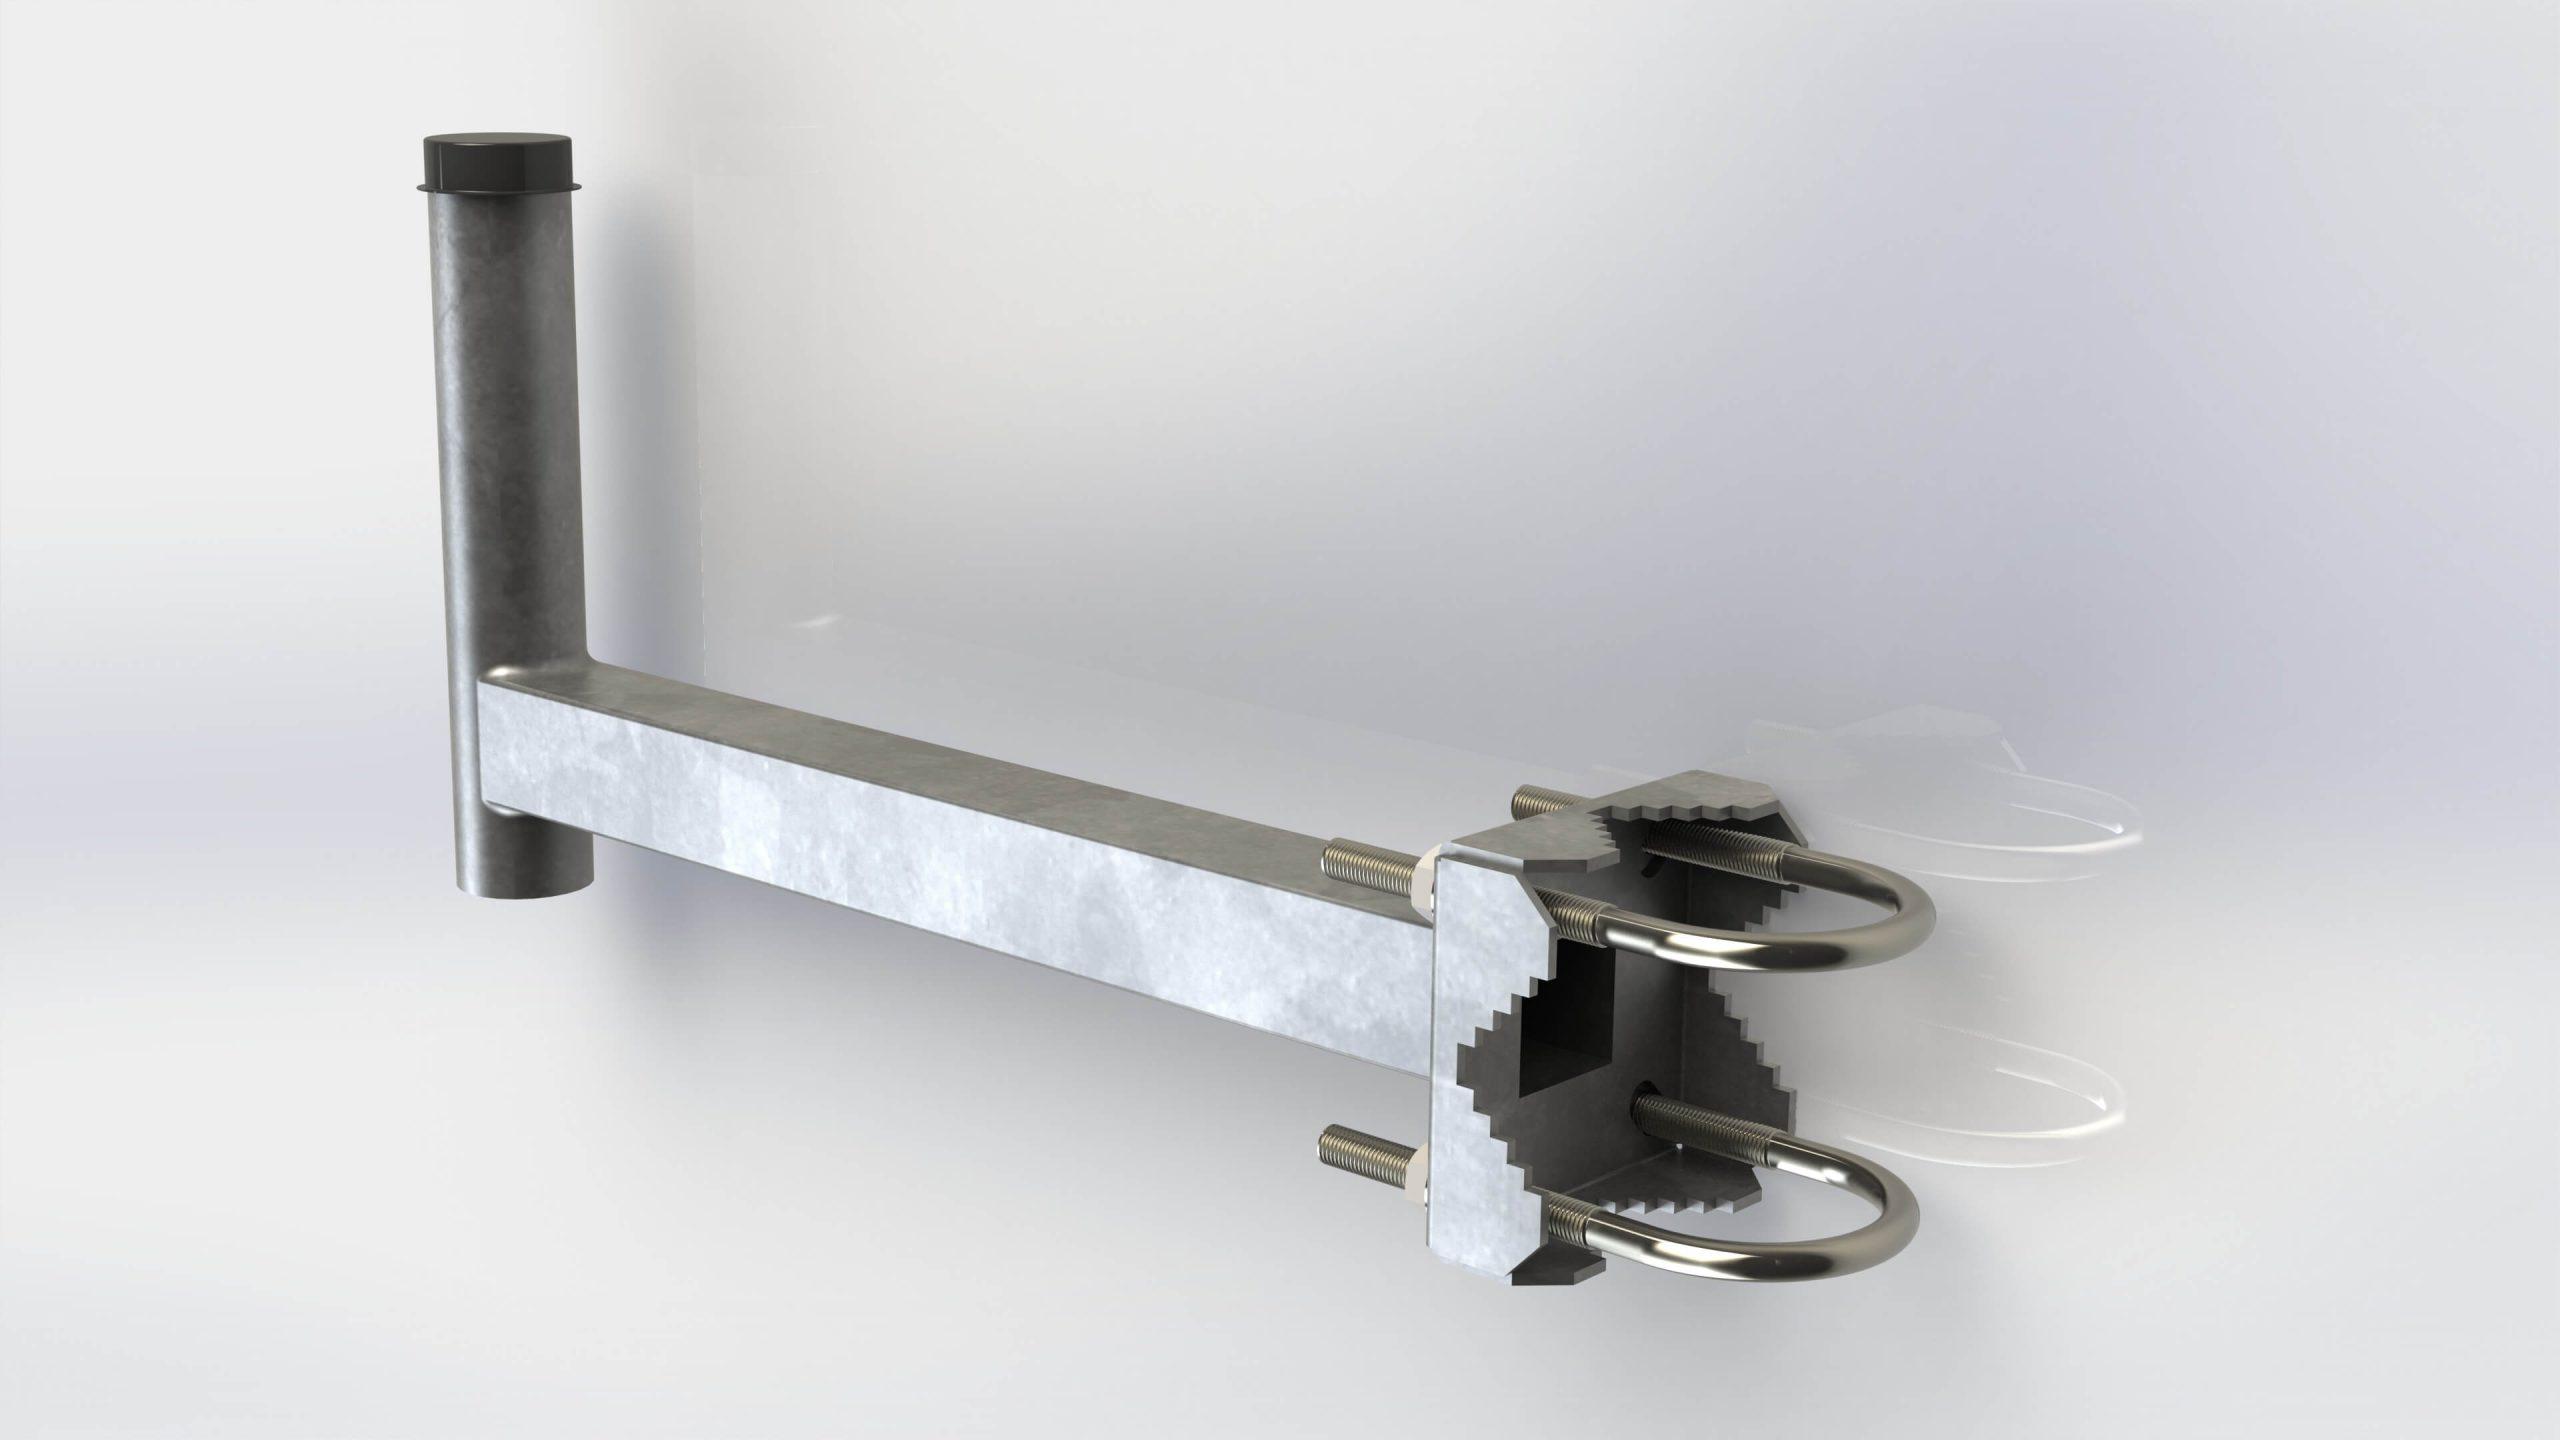 Erkélytartó 40cm horganyzott M10